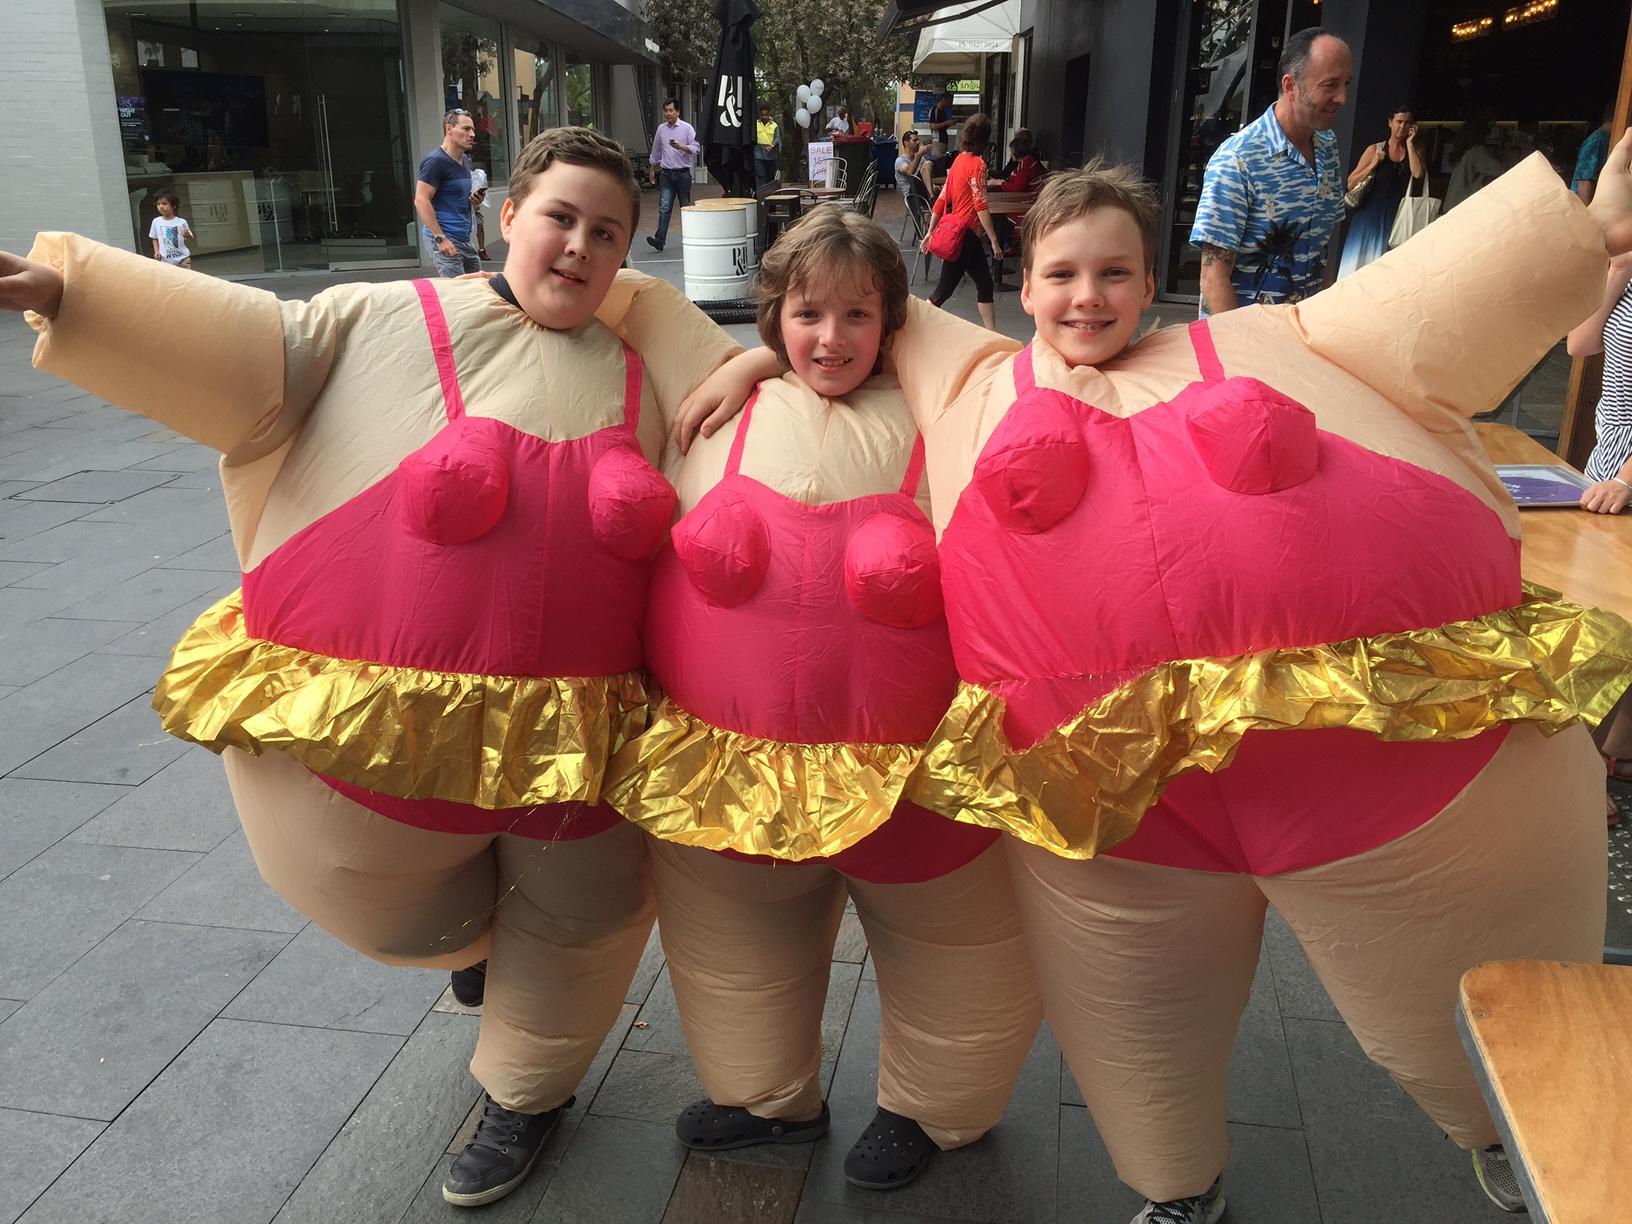 quirky lane cove sumo